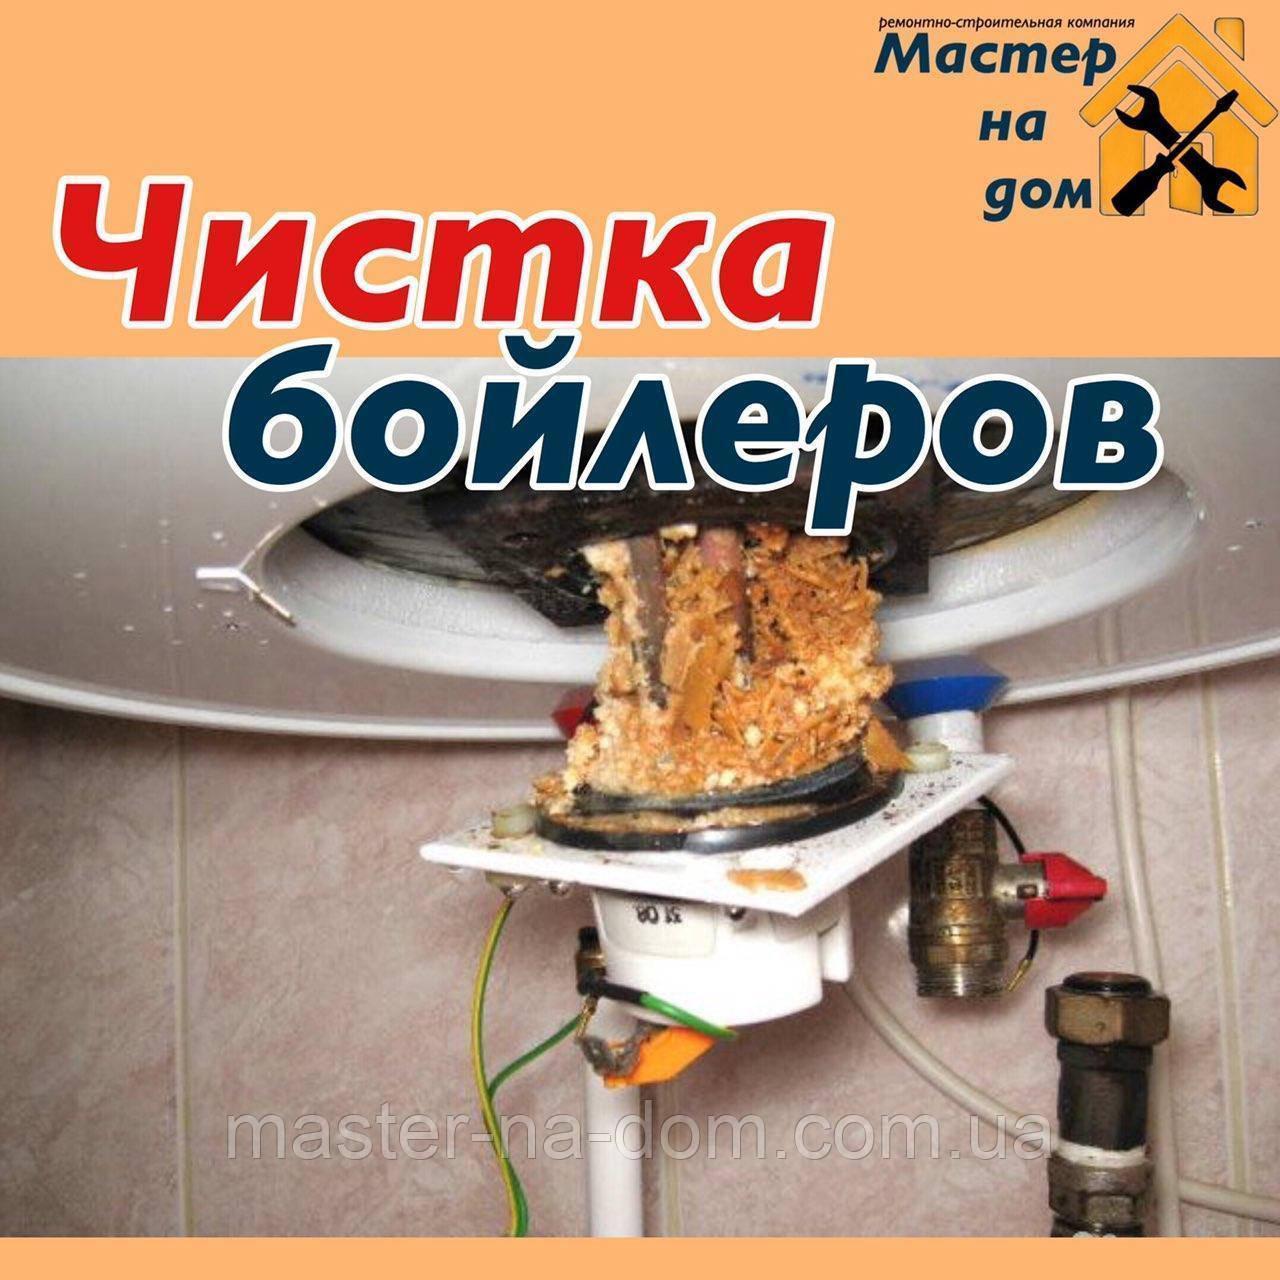 Чистка бойлеров в Одессе